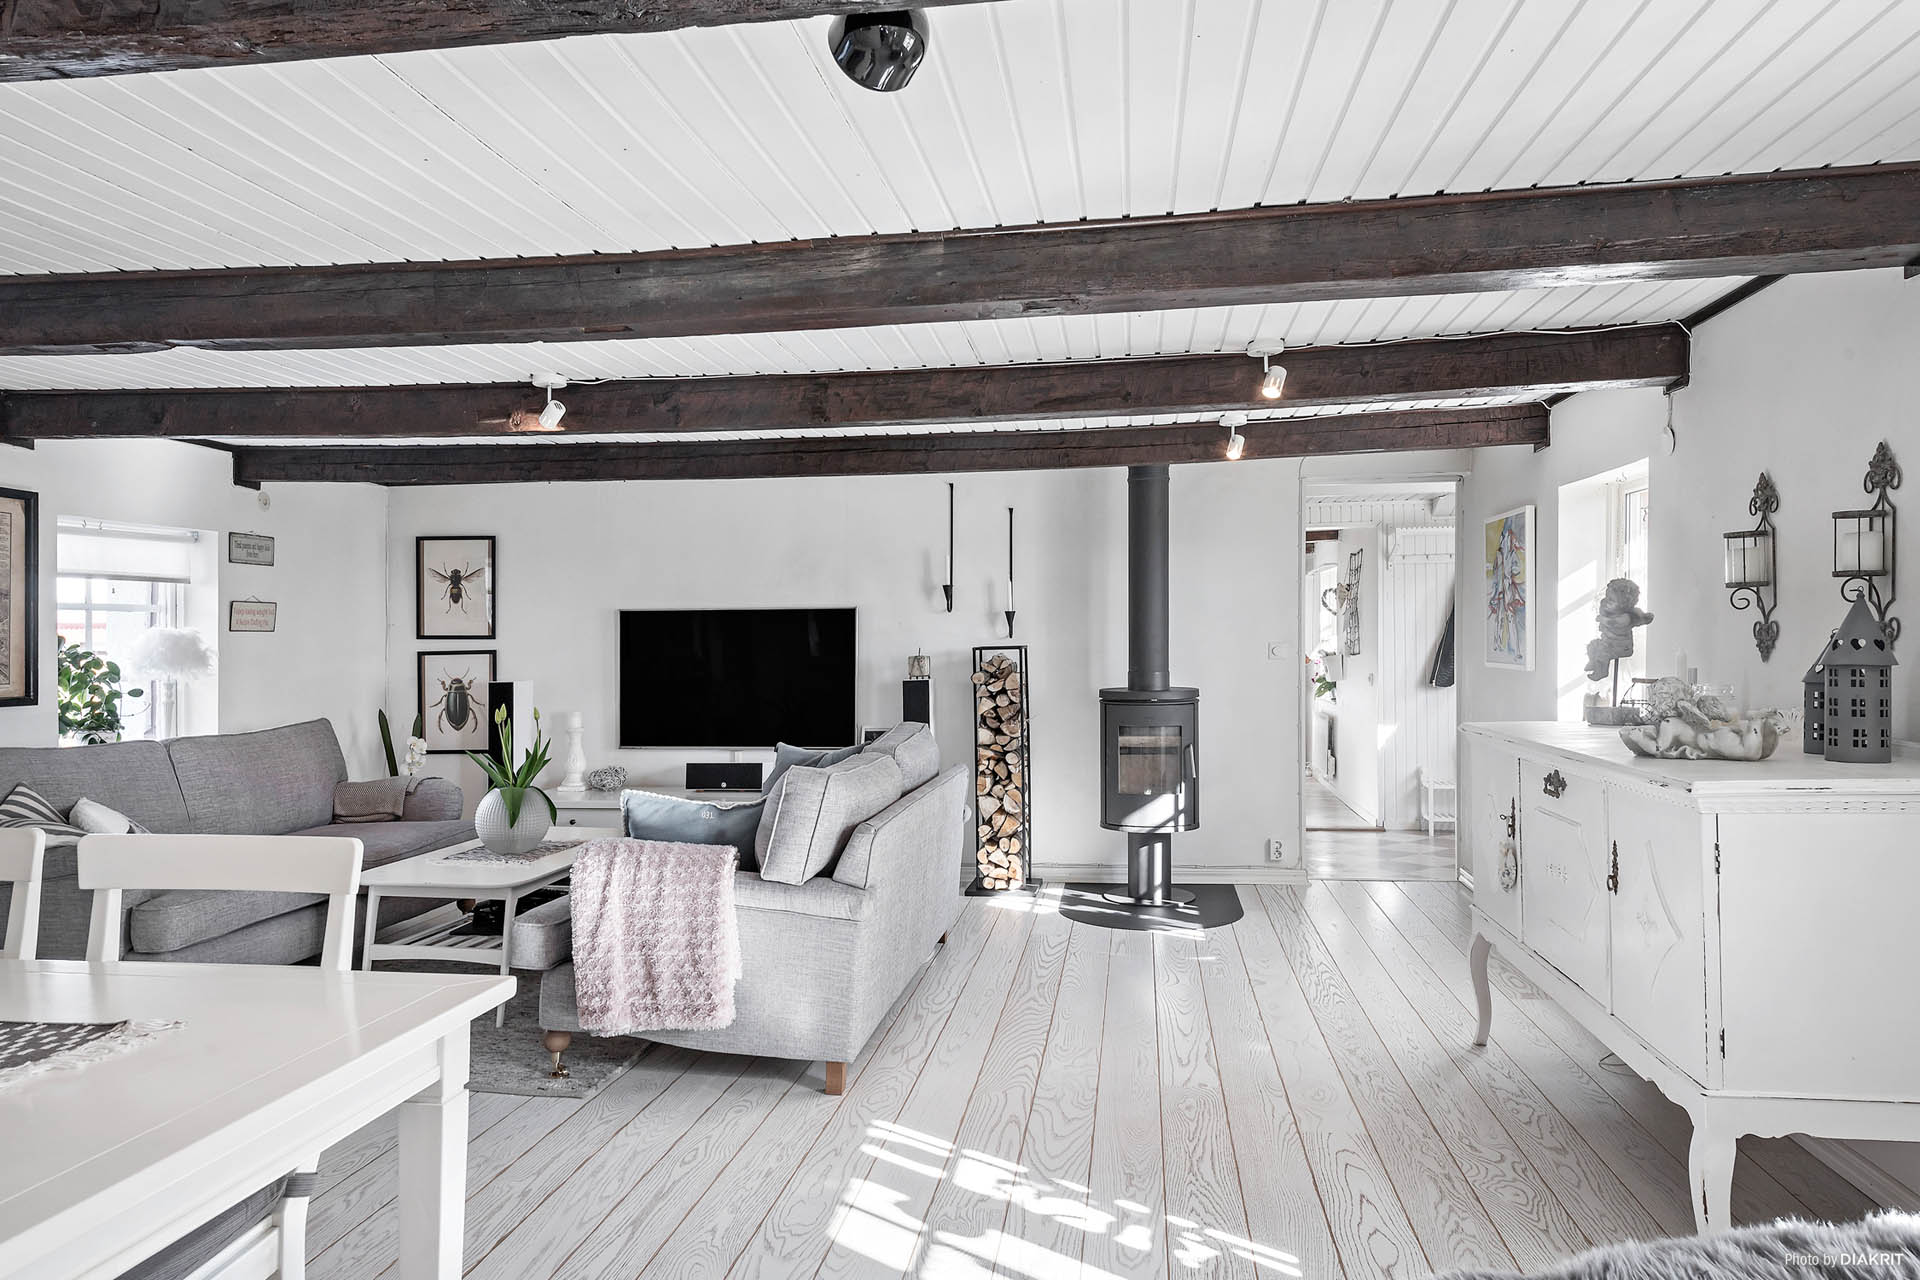 """Underbart vardagsrum med karaktär! Synliga bjälkar, ljust målade väggar och ett ekgolv """"white oak"""". Vi finner en värmande kamin och här finns plats för både soffan och matplatsen."""